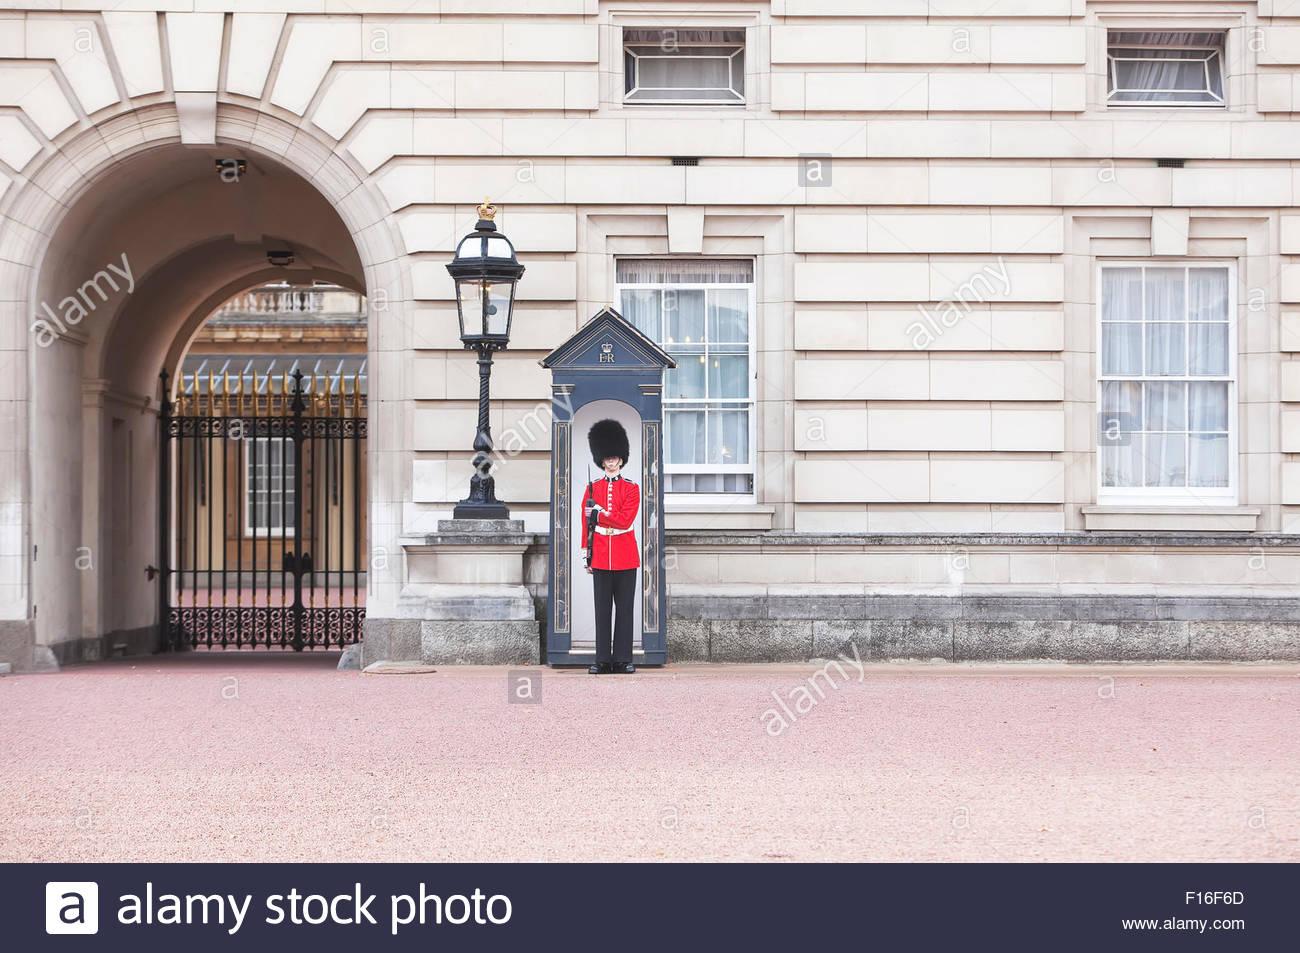 Königliche Wache stehen, Buckingham Palace, London, England, Großbritannien, England, Stockbild